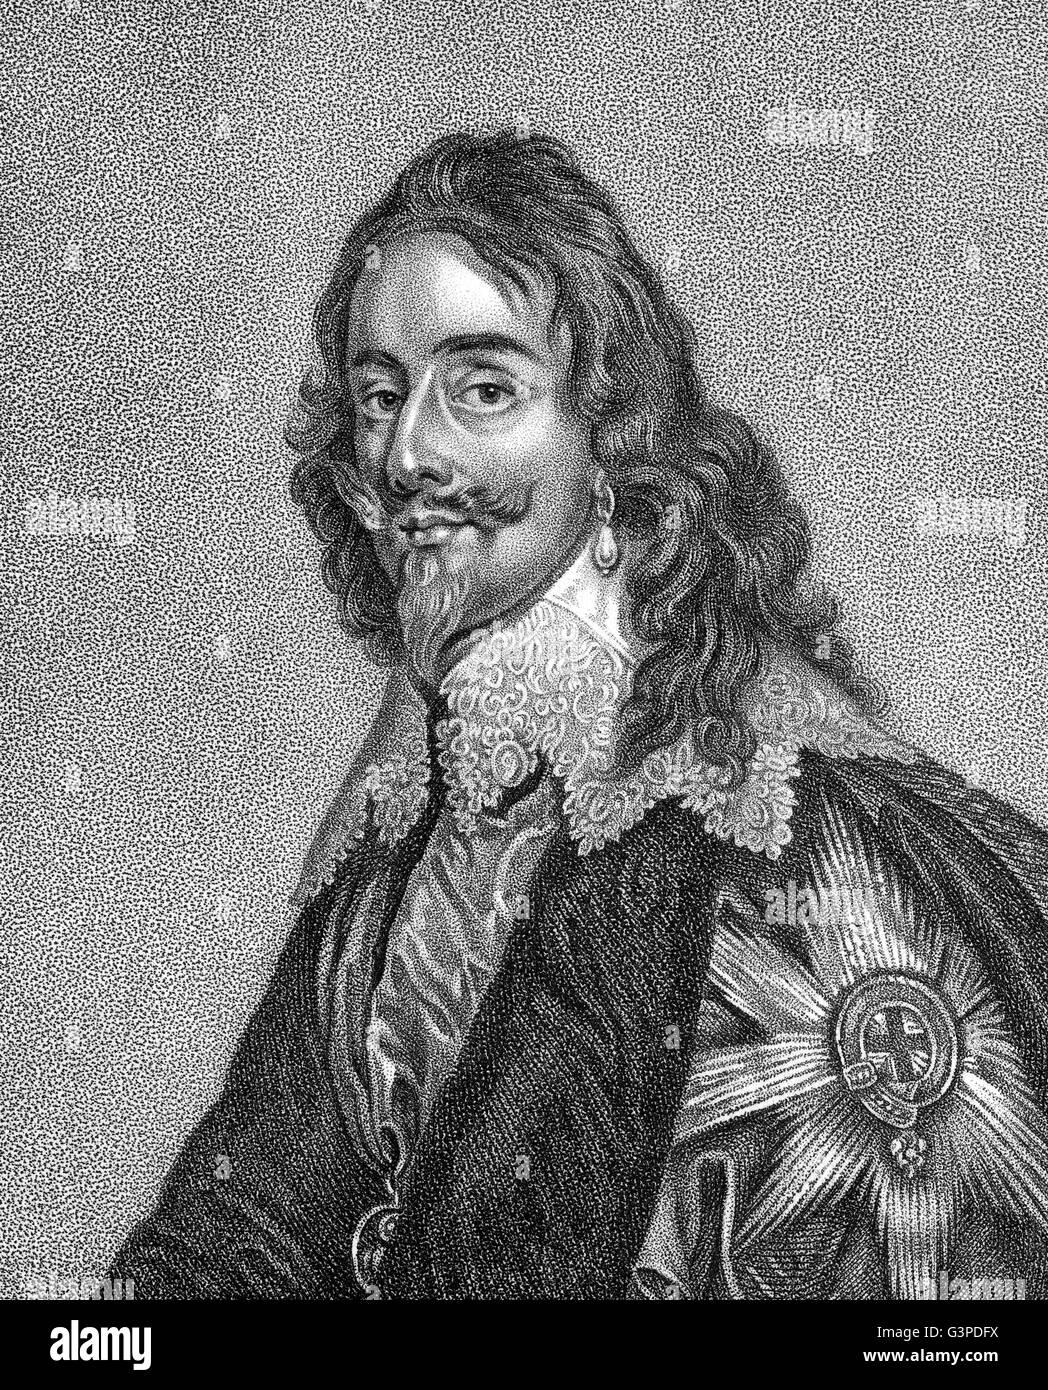 Charles I, 1600 - 1649, king of England, Scotland and Ireland - Stock Image